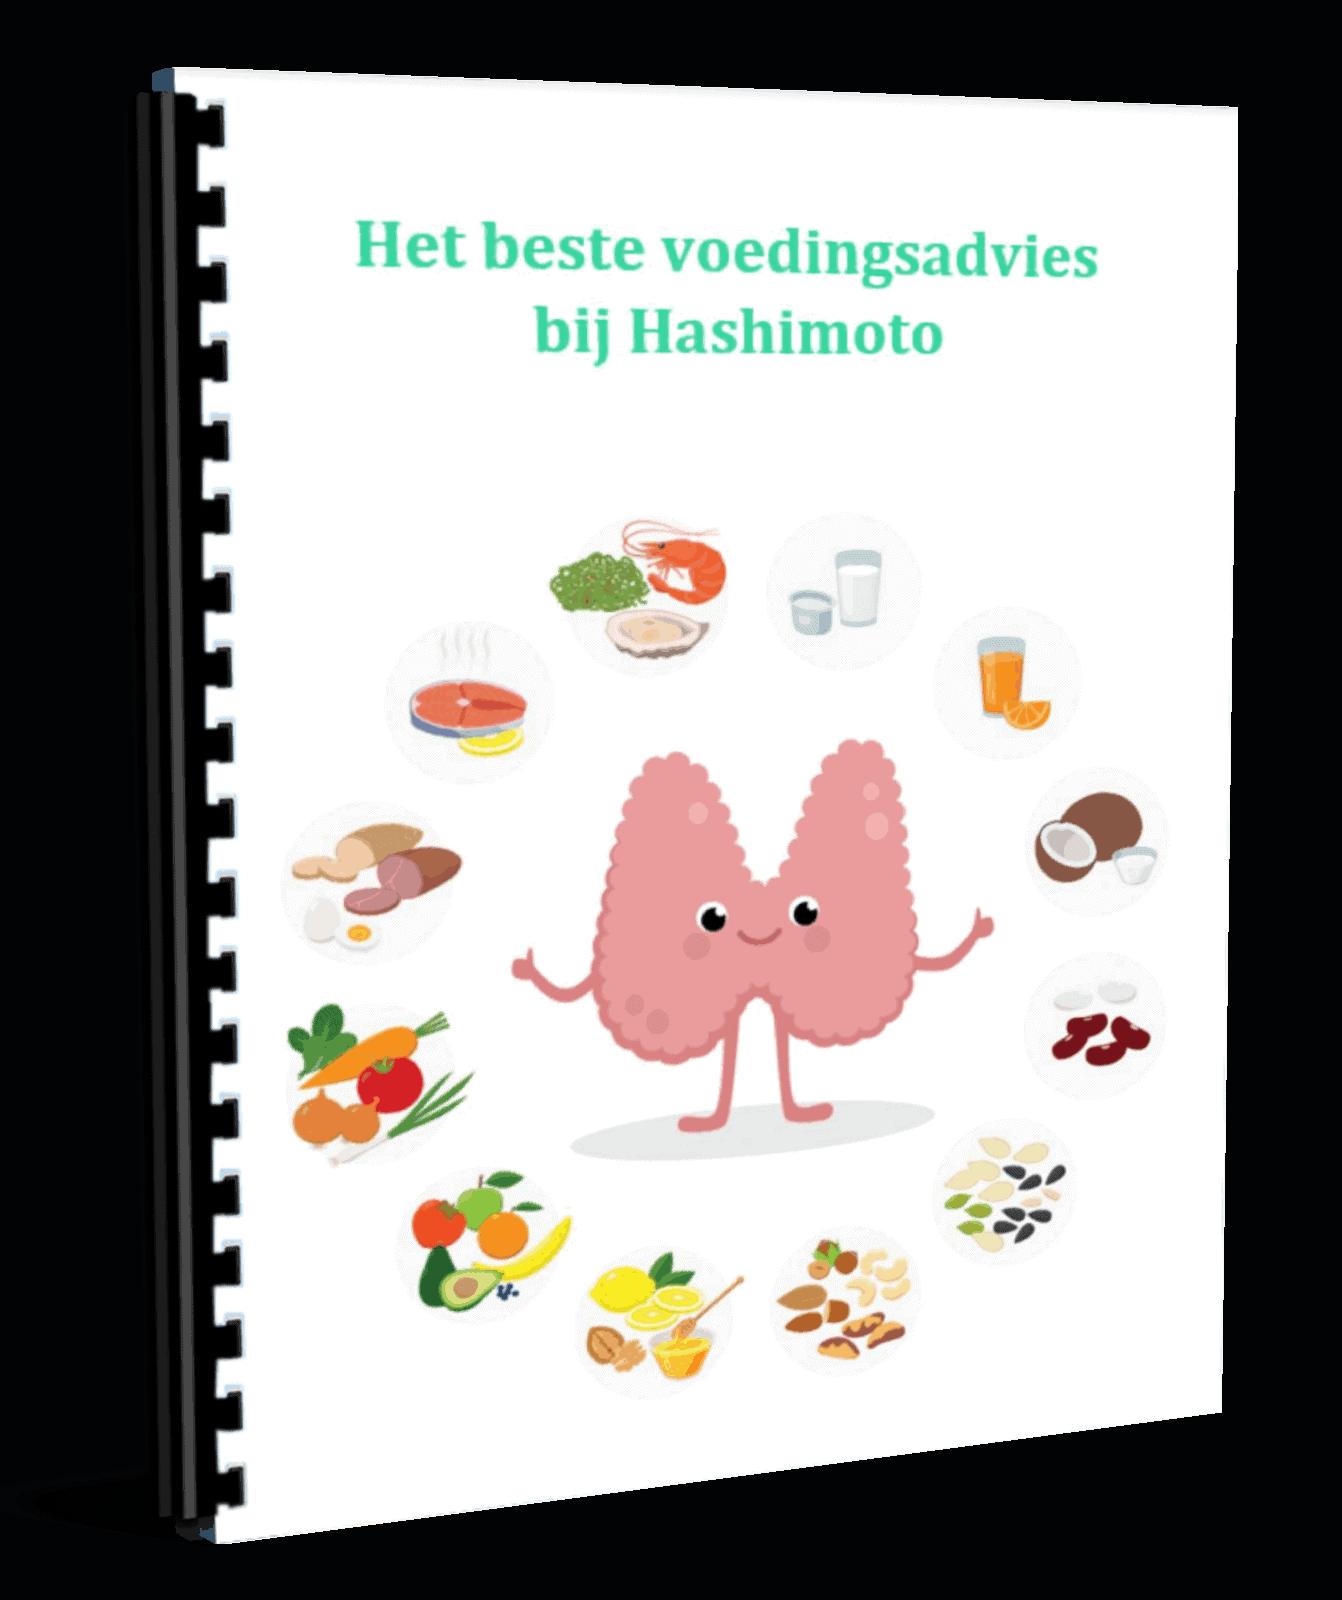 Beste voedingsadvies bij Hashimoto